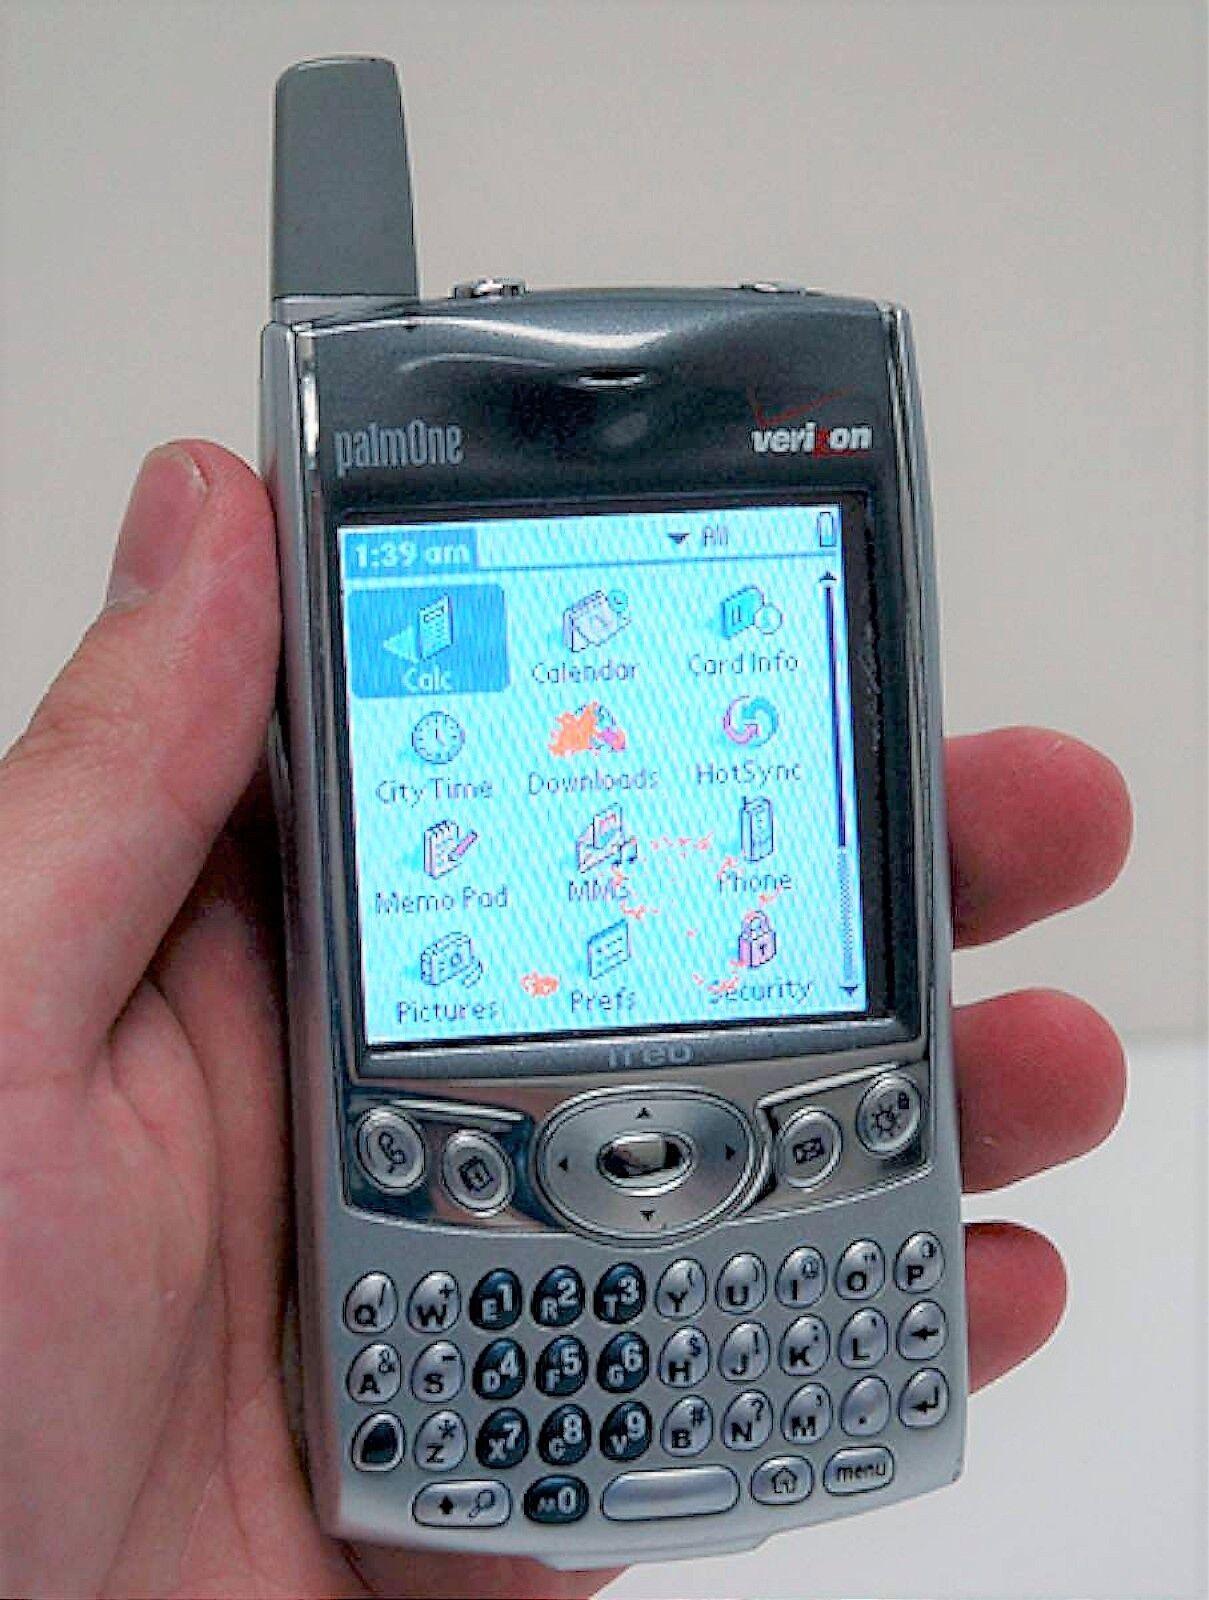 palm treo 600 verizon pda silver cell phone w camera internet web rh ebay com Palm Treo 300 Palm Treo 300